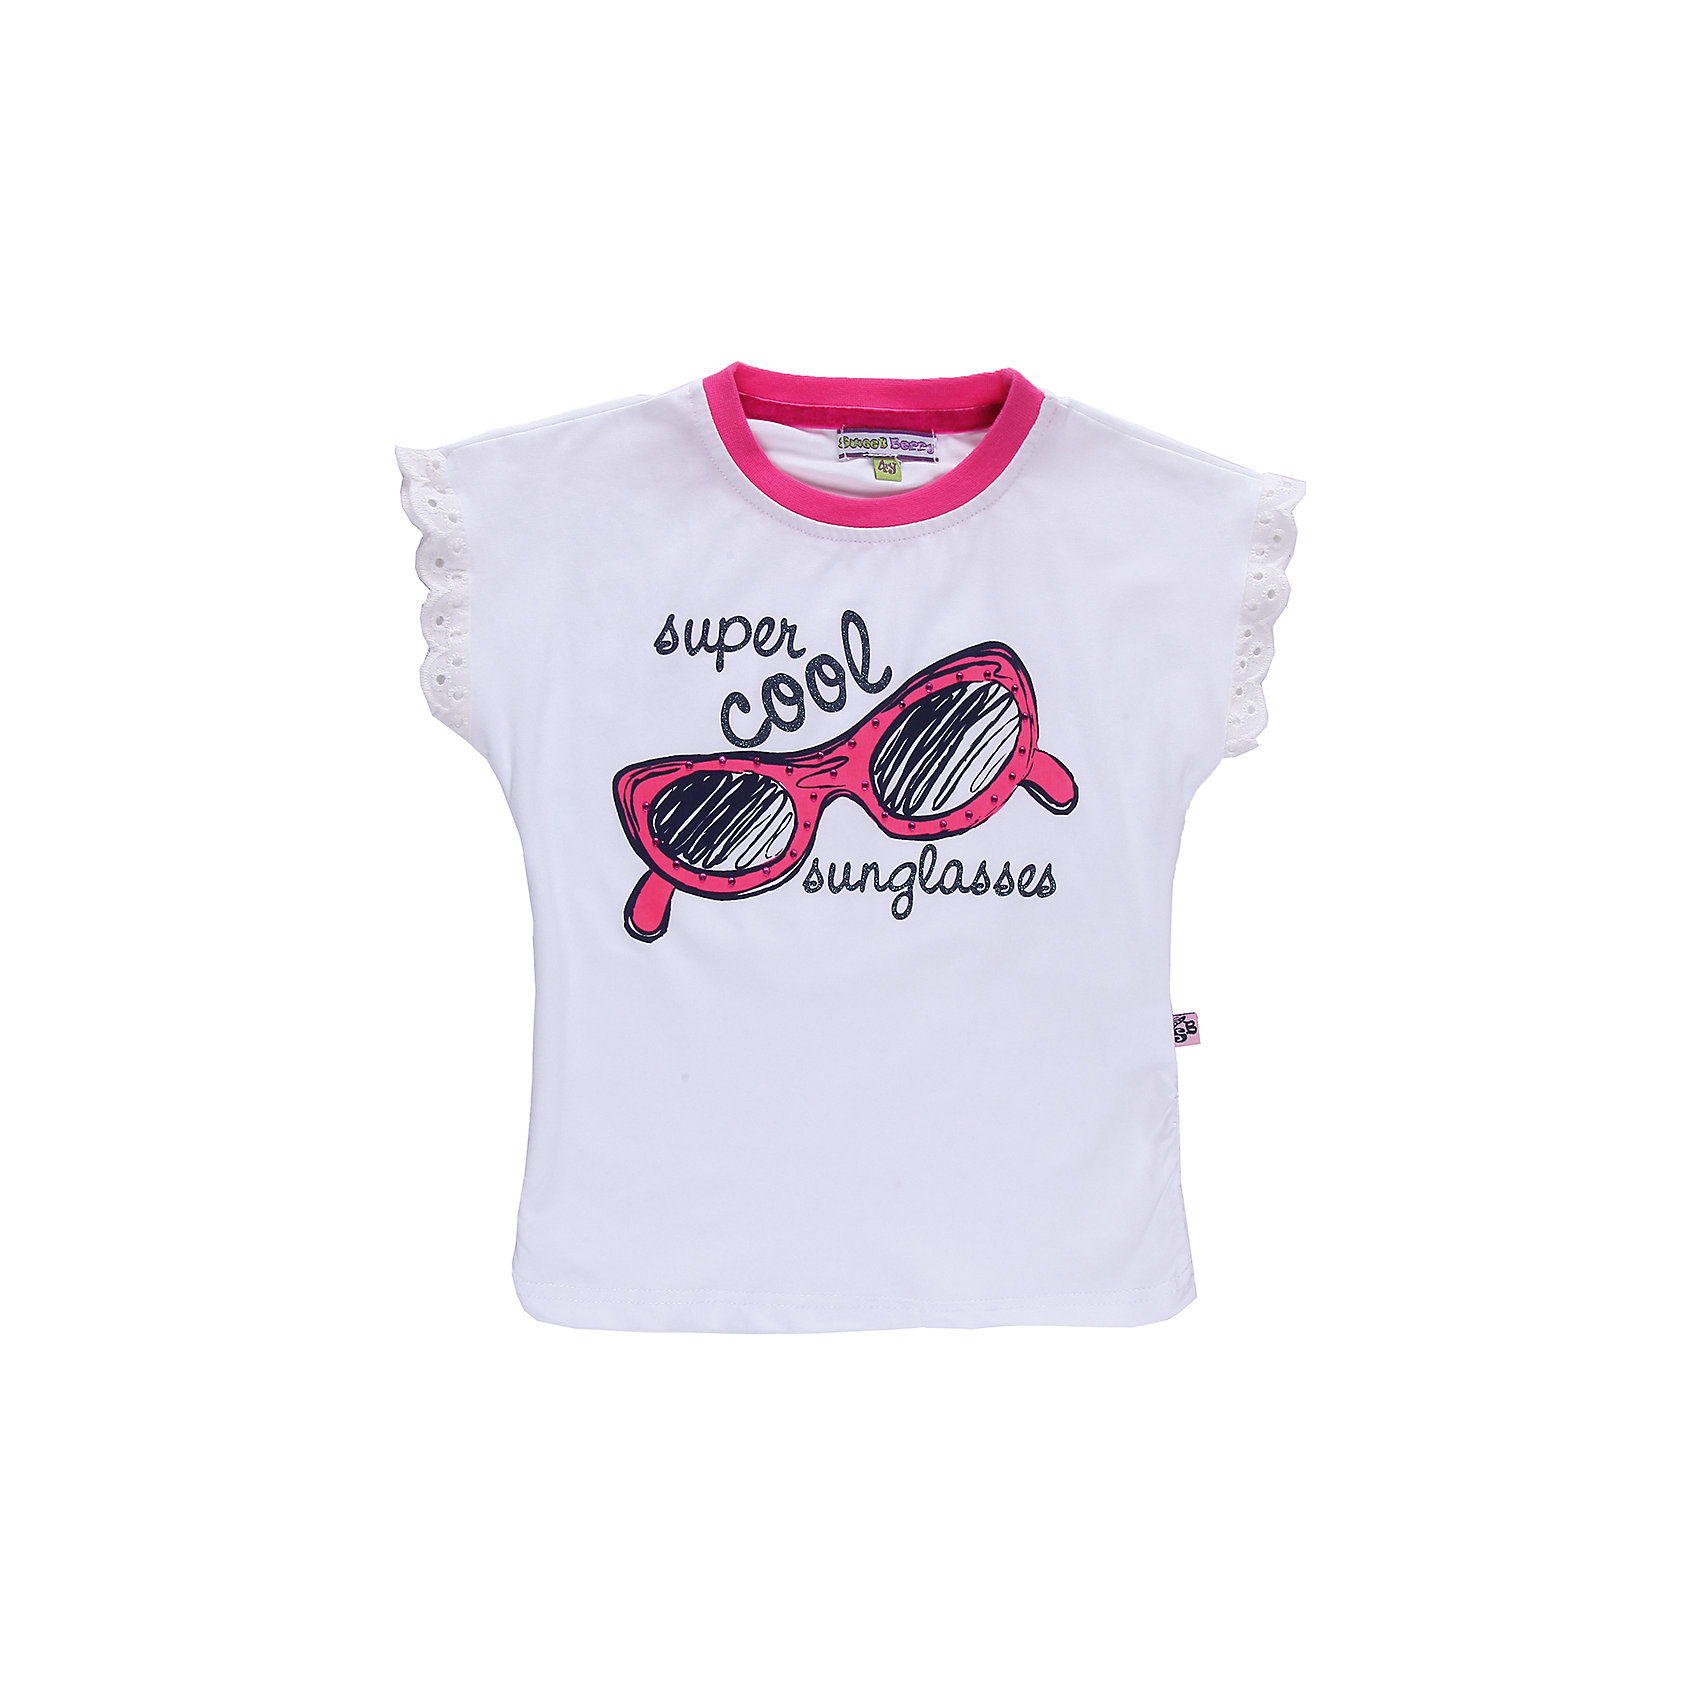 Футболка для девочки Sweet BerryФутболки, поло и топы<br>Романтичная футболка из трикотажа. Декорирована кружевом и стразами.<br>Состав:<br>95% хлопок, 5% эластан<br><br>Ширина мм: 199<br>Глубина мм: 10<br>Высота мм: 161<br>Вес г: 151<br>Цвет: белый<br>Возраст от месяцев: 24<br>Возраст до месяцев: 36<br>Пол: Женский<br>Возраст: Детский<br>Размер: 98,110,128,104,122,116<br>SKU: 4520725